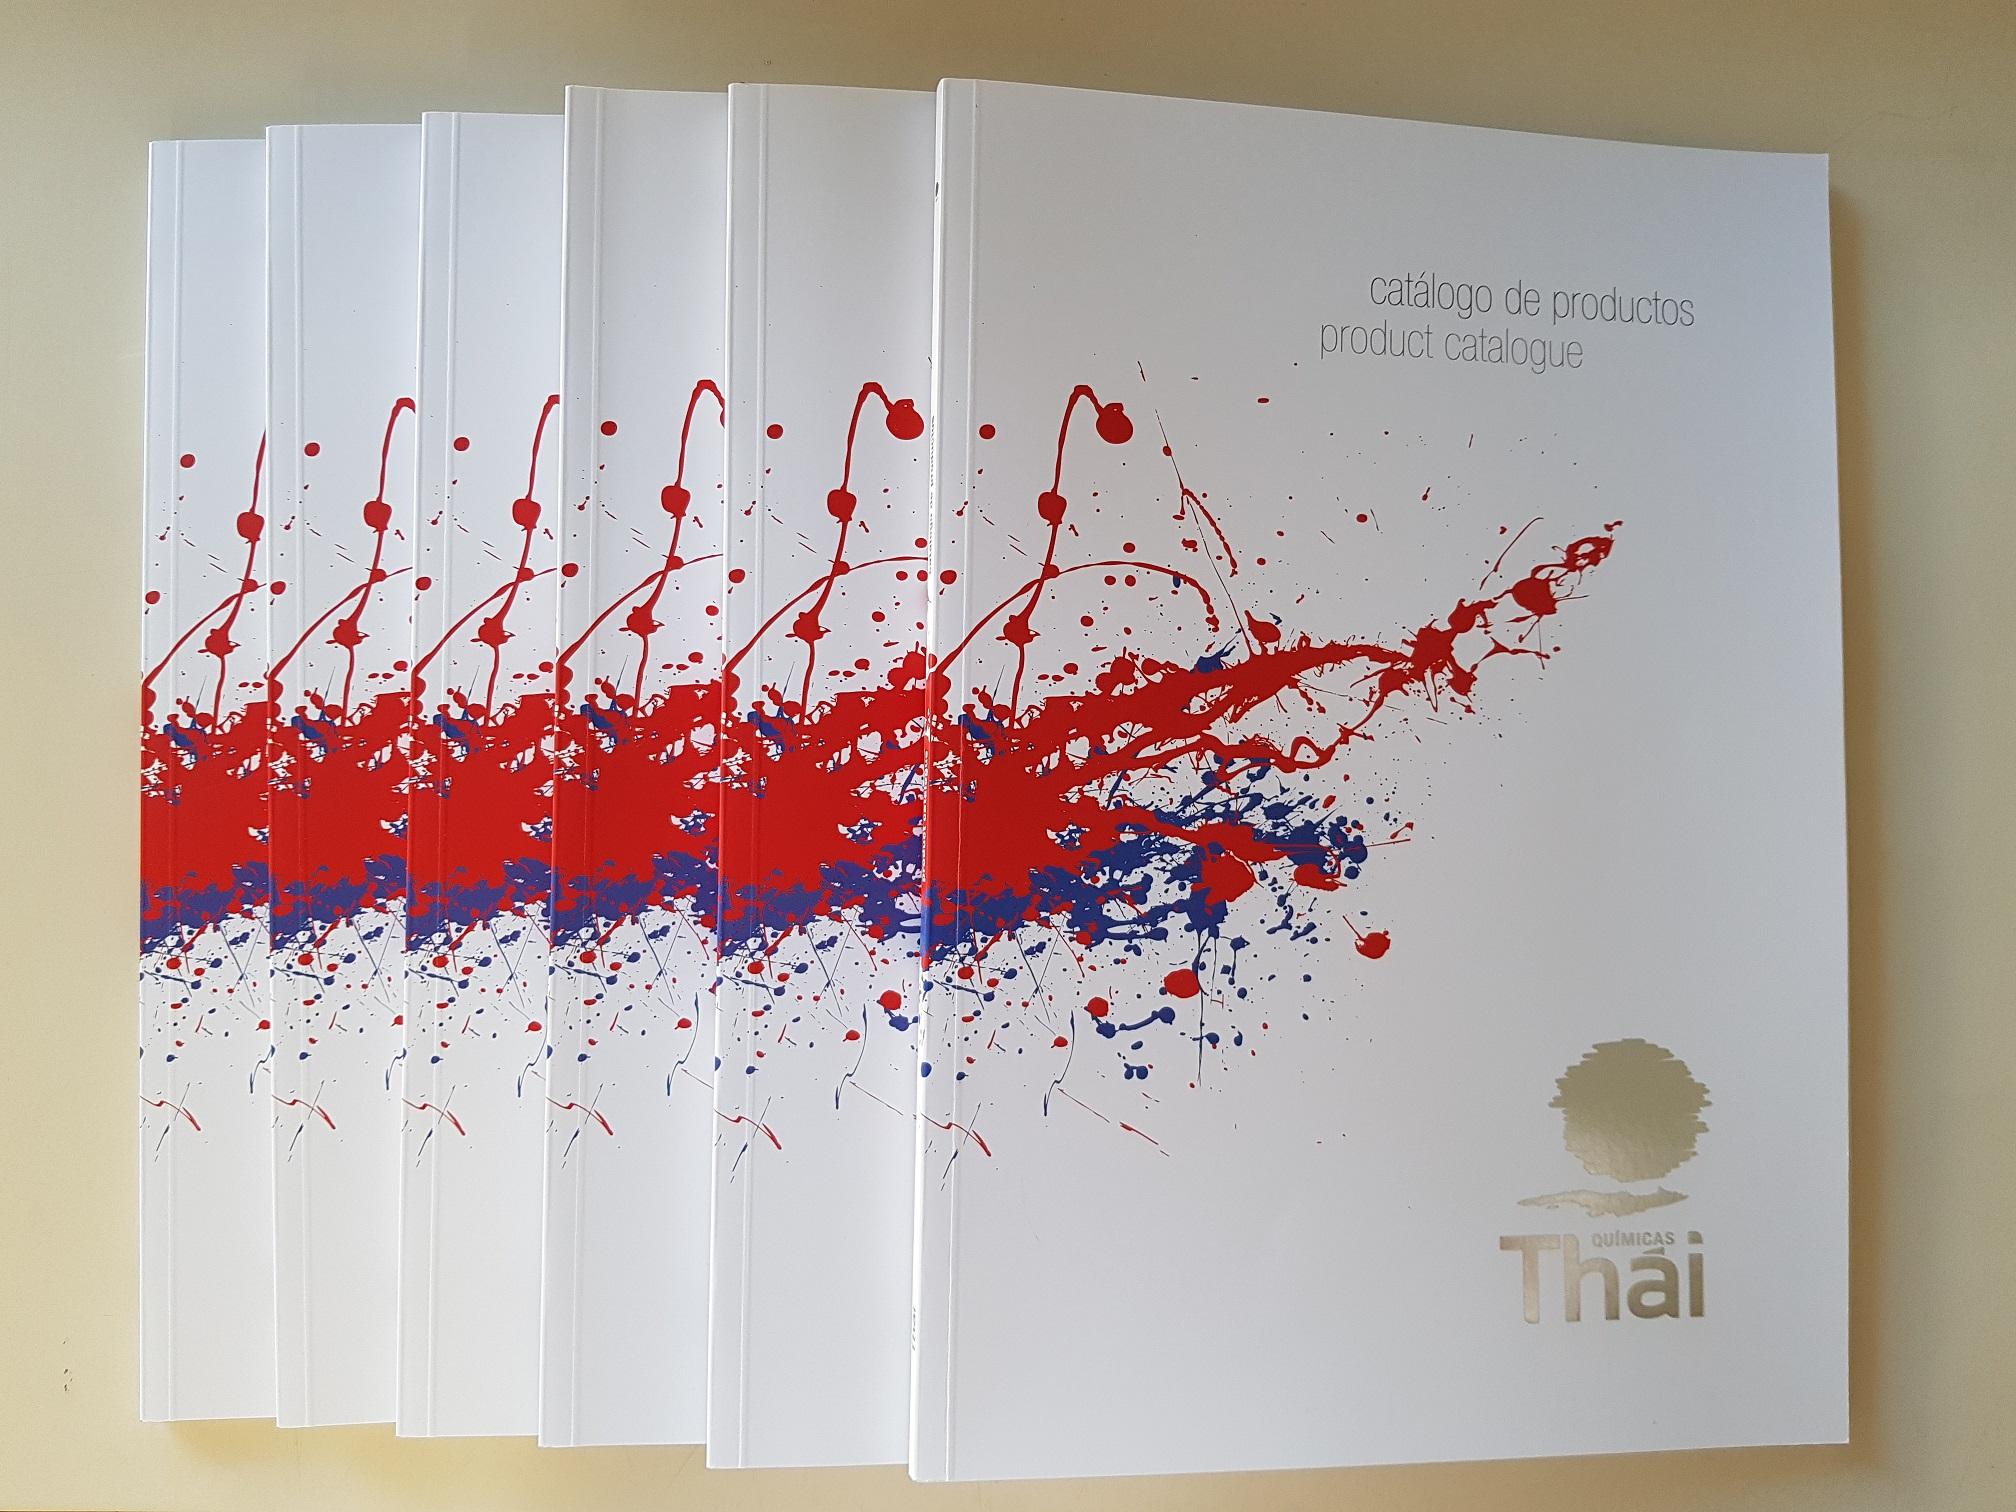 Nuevo Catálogo de Químicas Thái